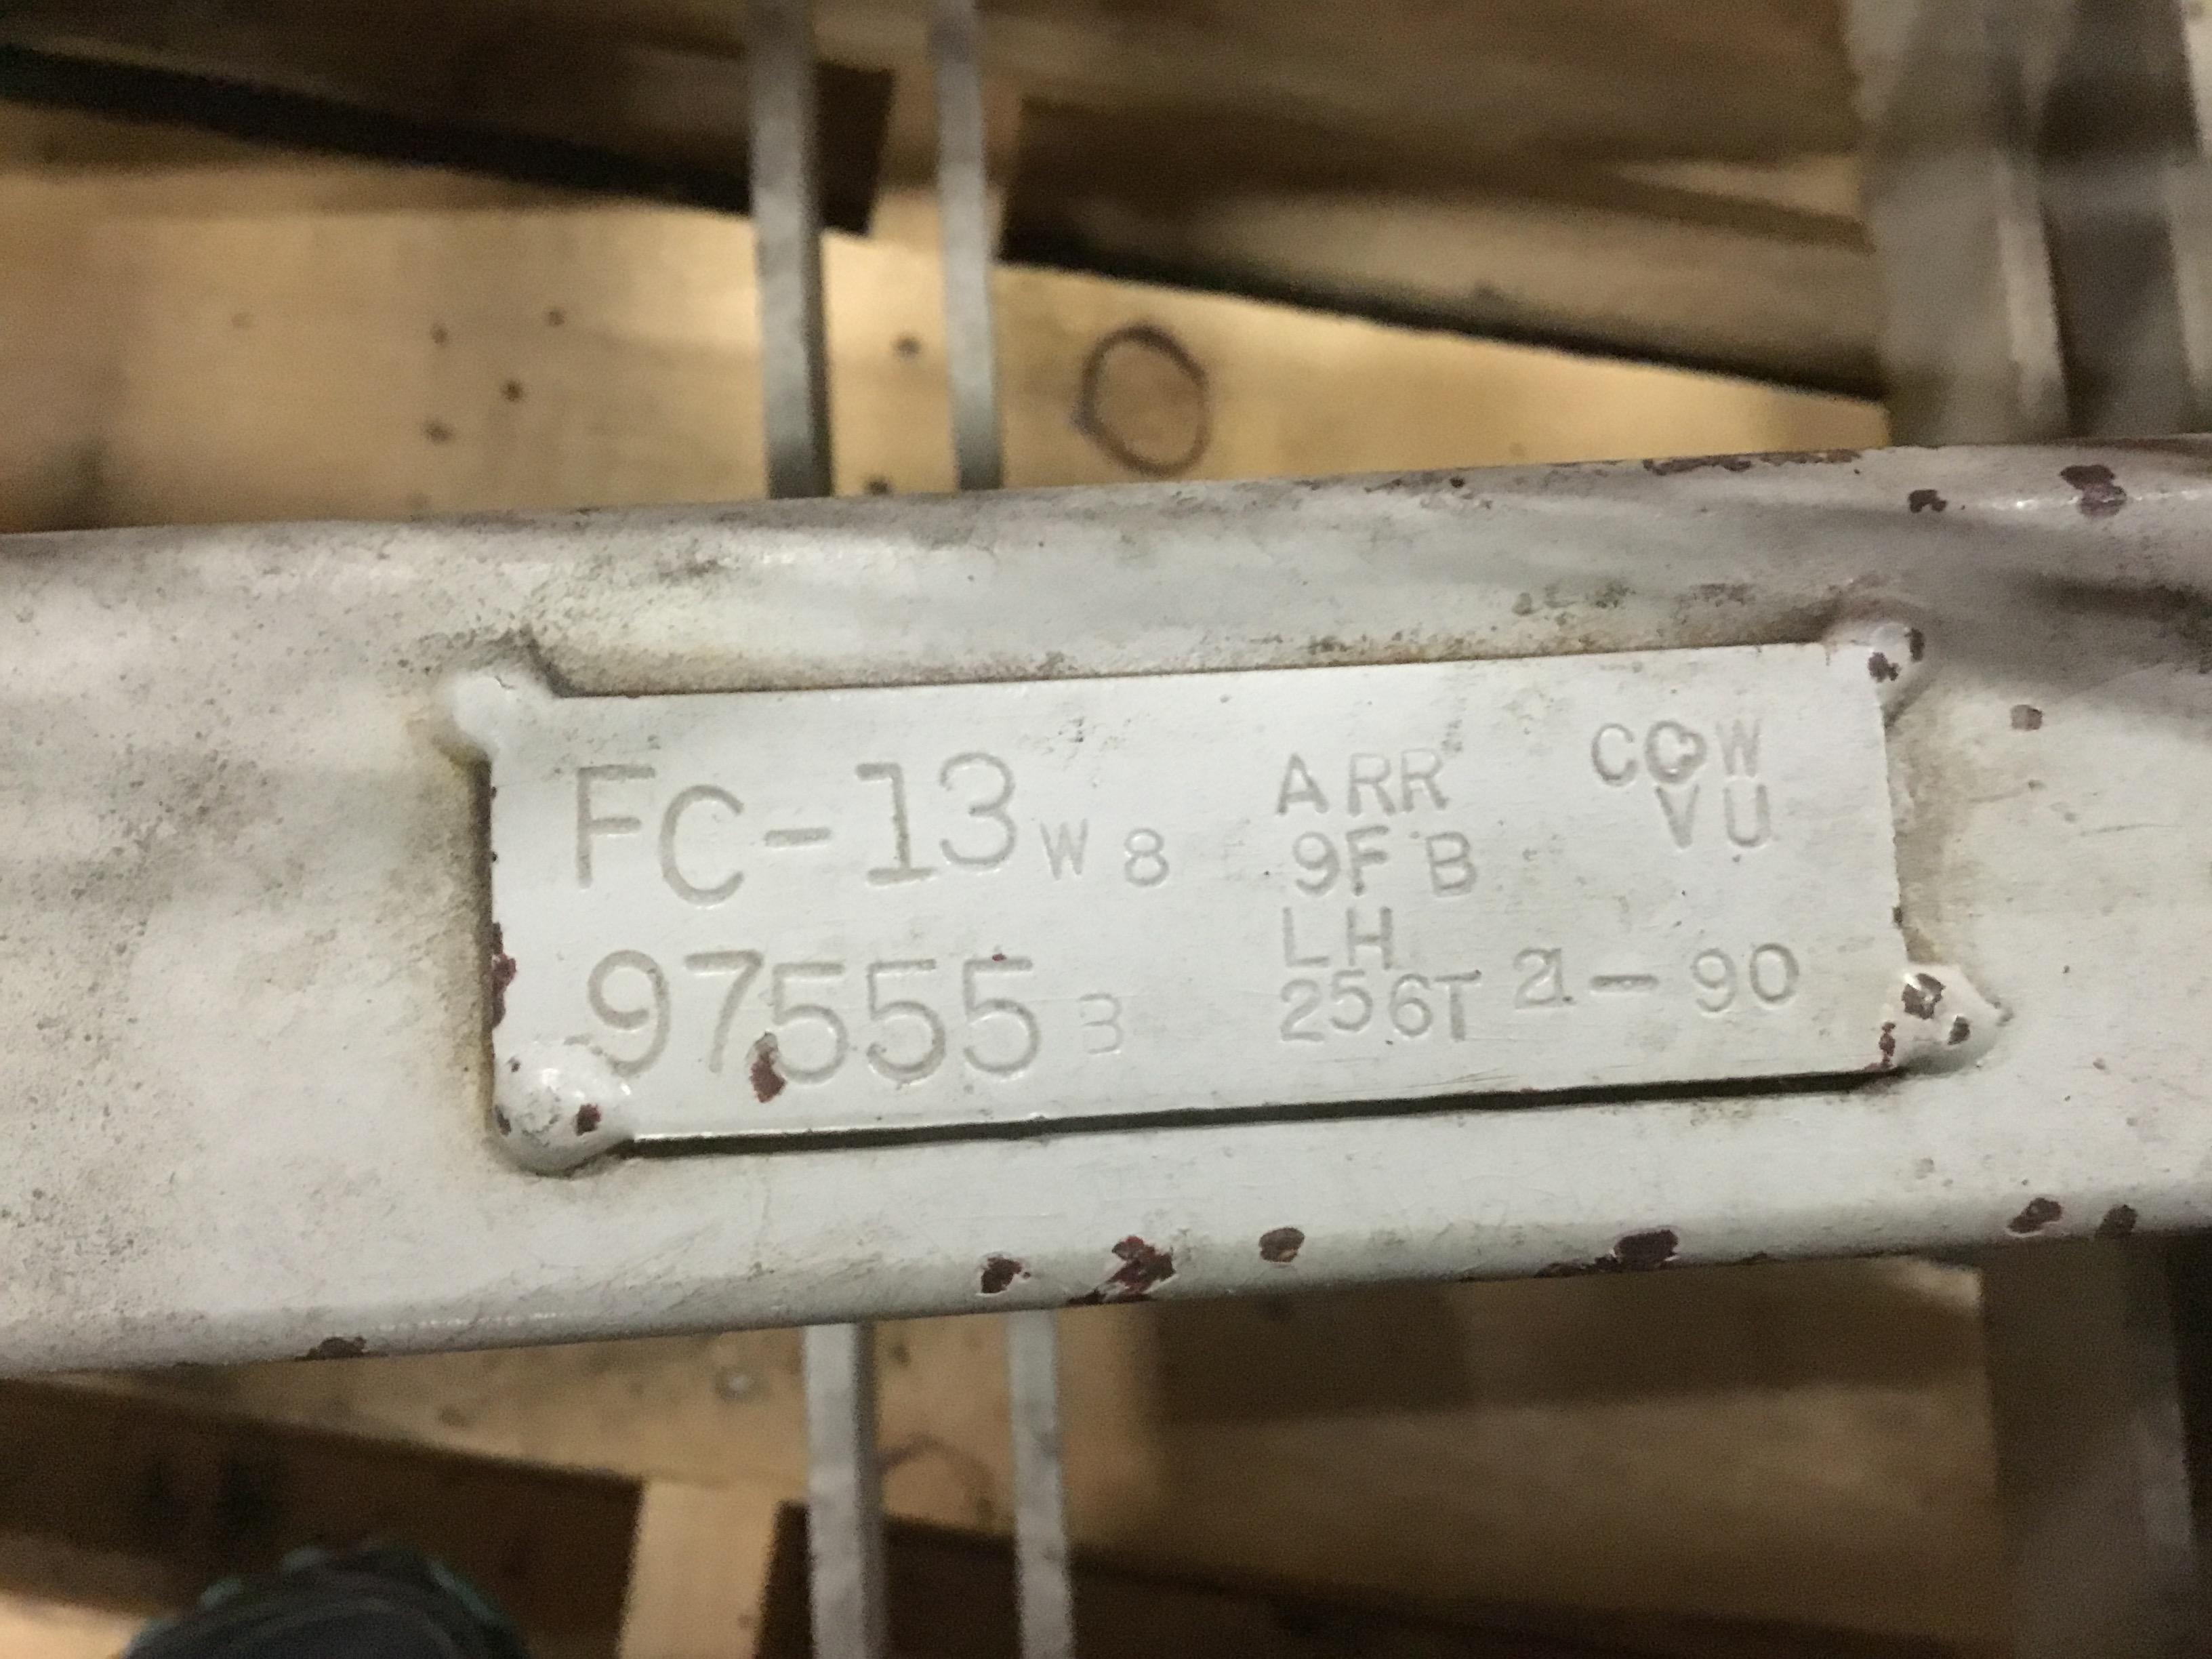 395D06F9-CEEC-49A0-A1B2-6B1CA24F6EC9